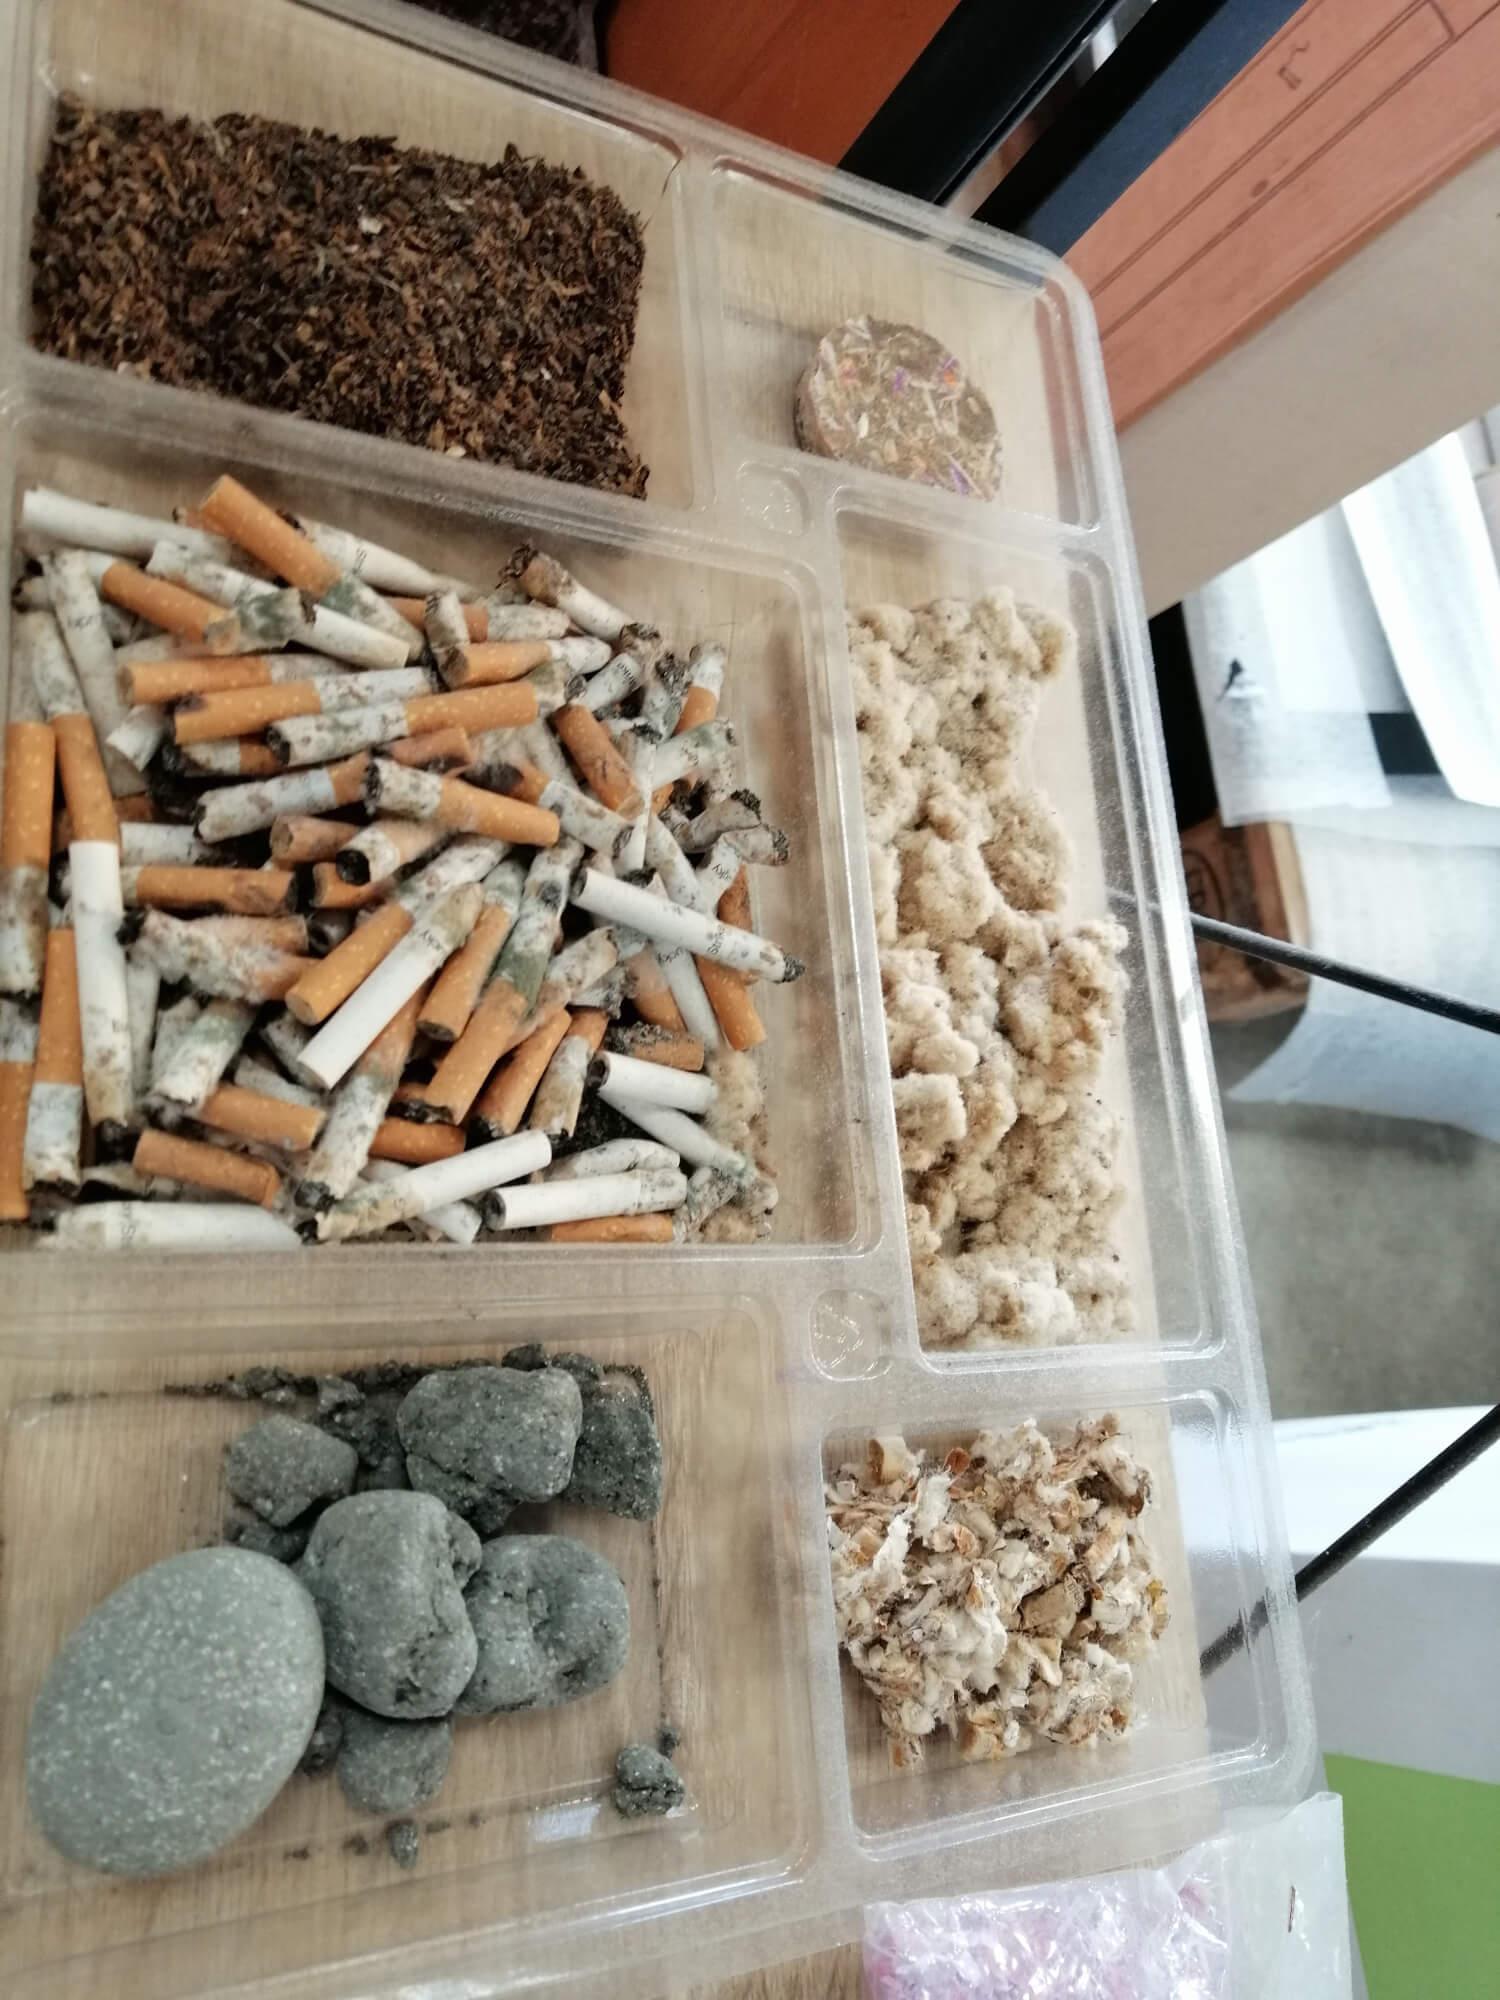 Processus de recyclage des mégots de cigarette